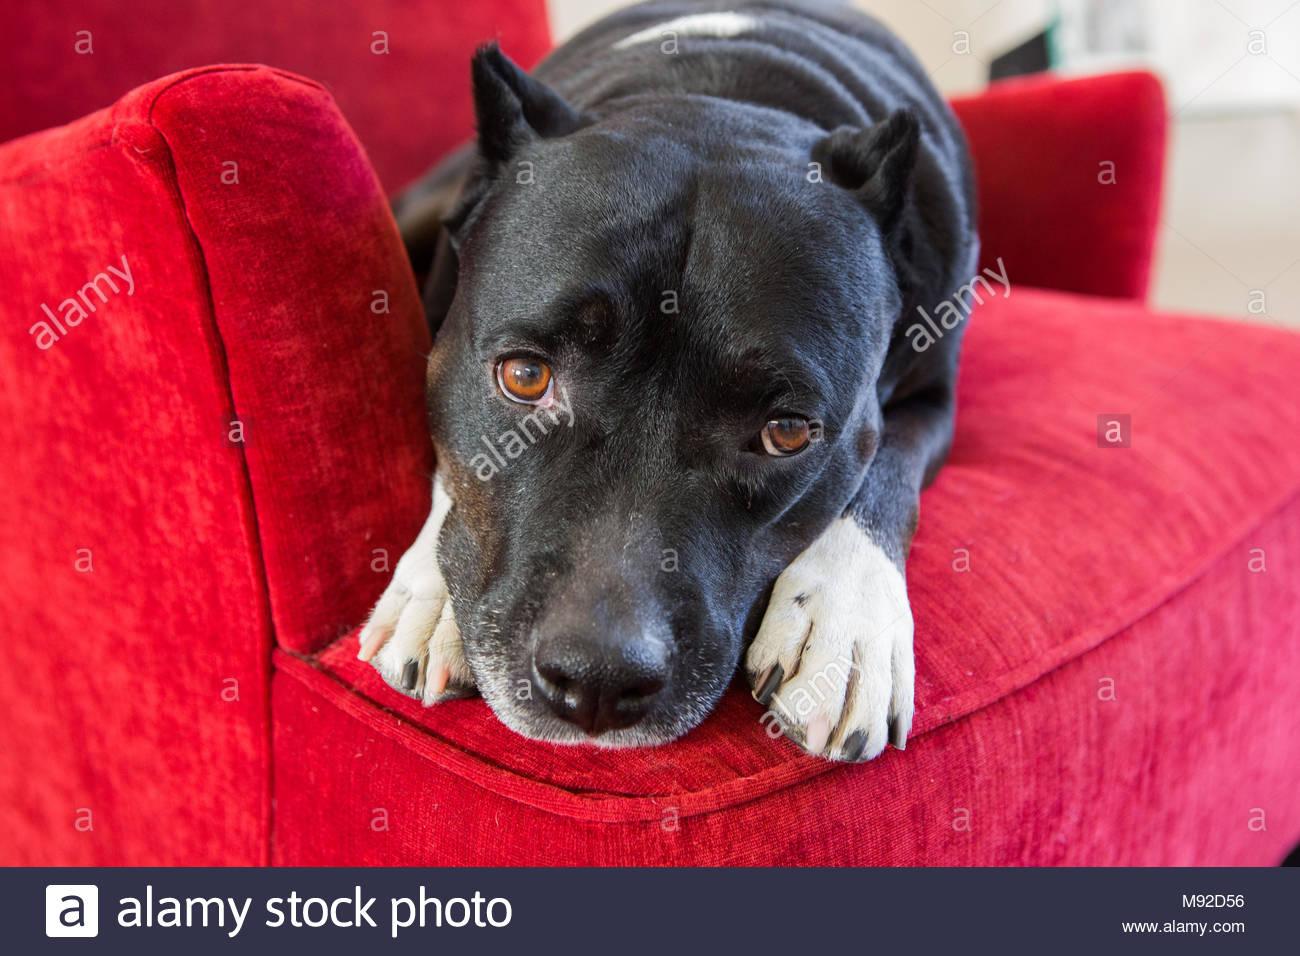 Pitbull mit traurigen braunen Augen ruhen auf die Pfoten, in einem roten Stuhl liegend Stockbild